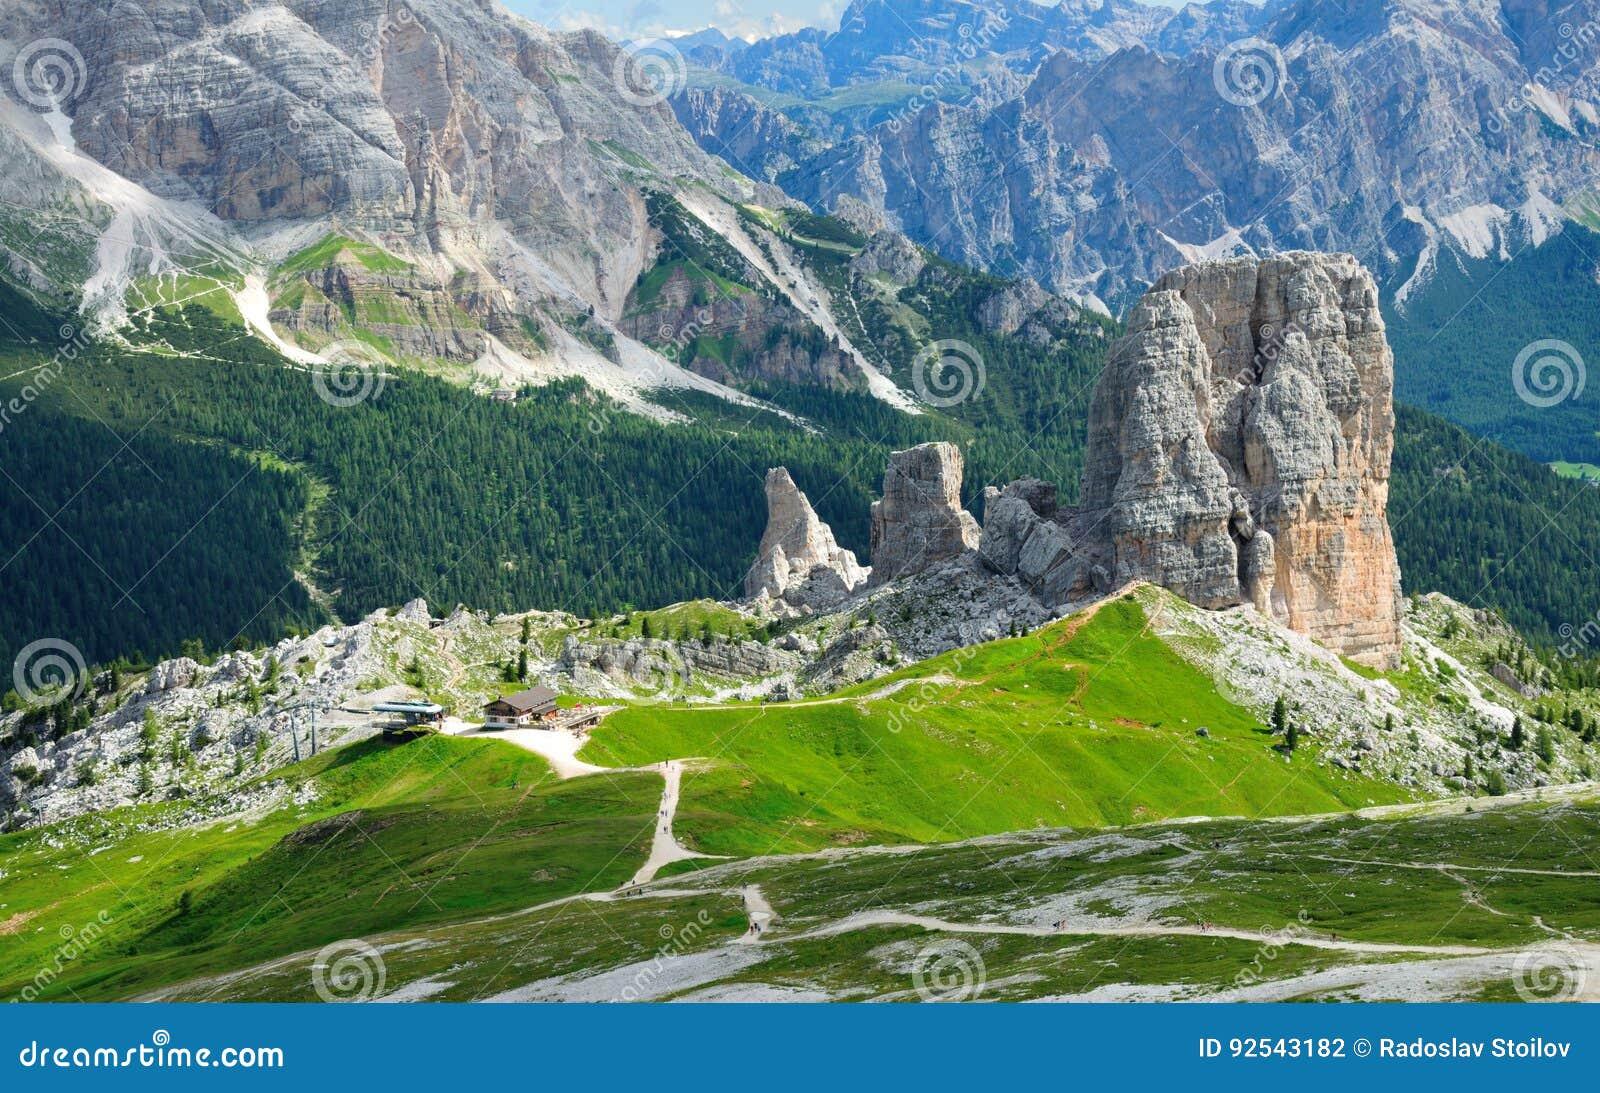 Διάσημη θέση του κόσμου, Cinque Terre κοντά σε Cortina στα ιταλικά δολομίτες